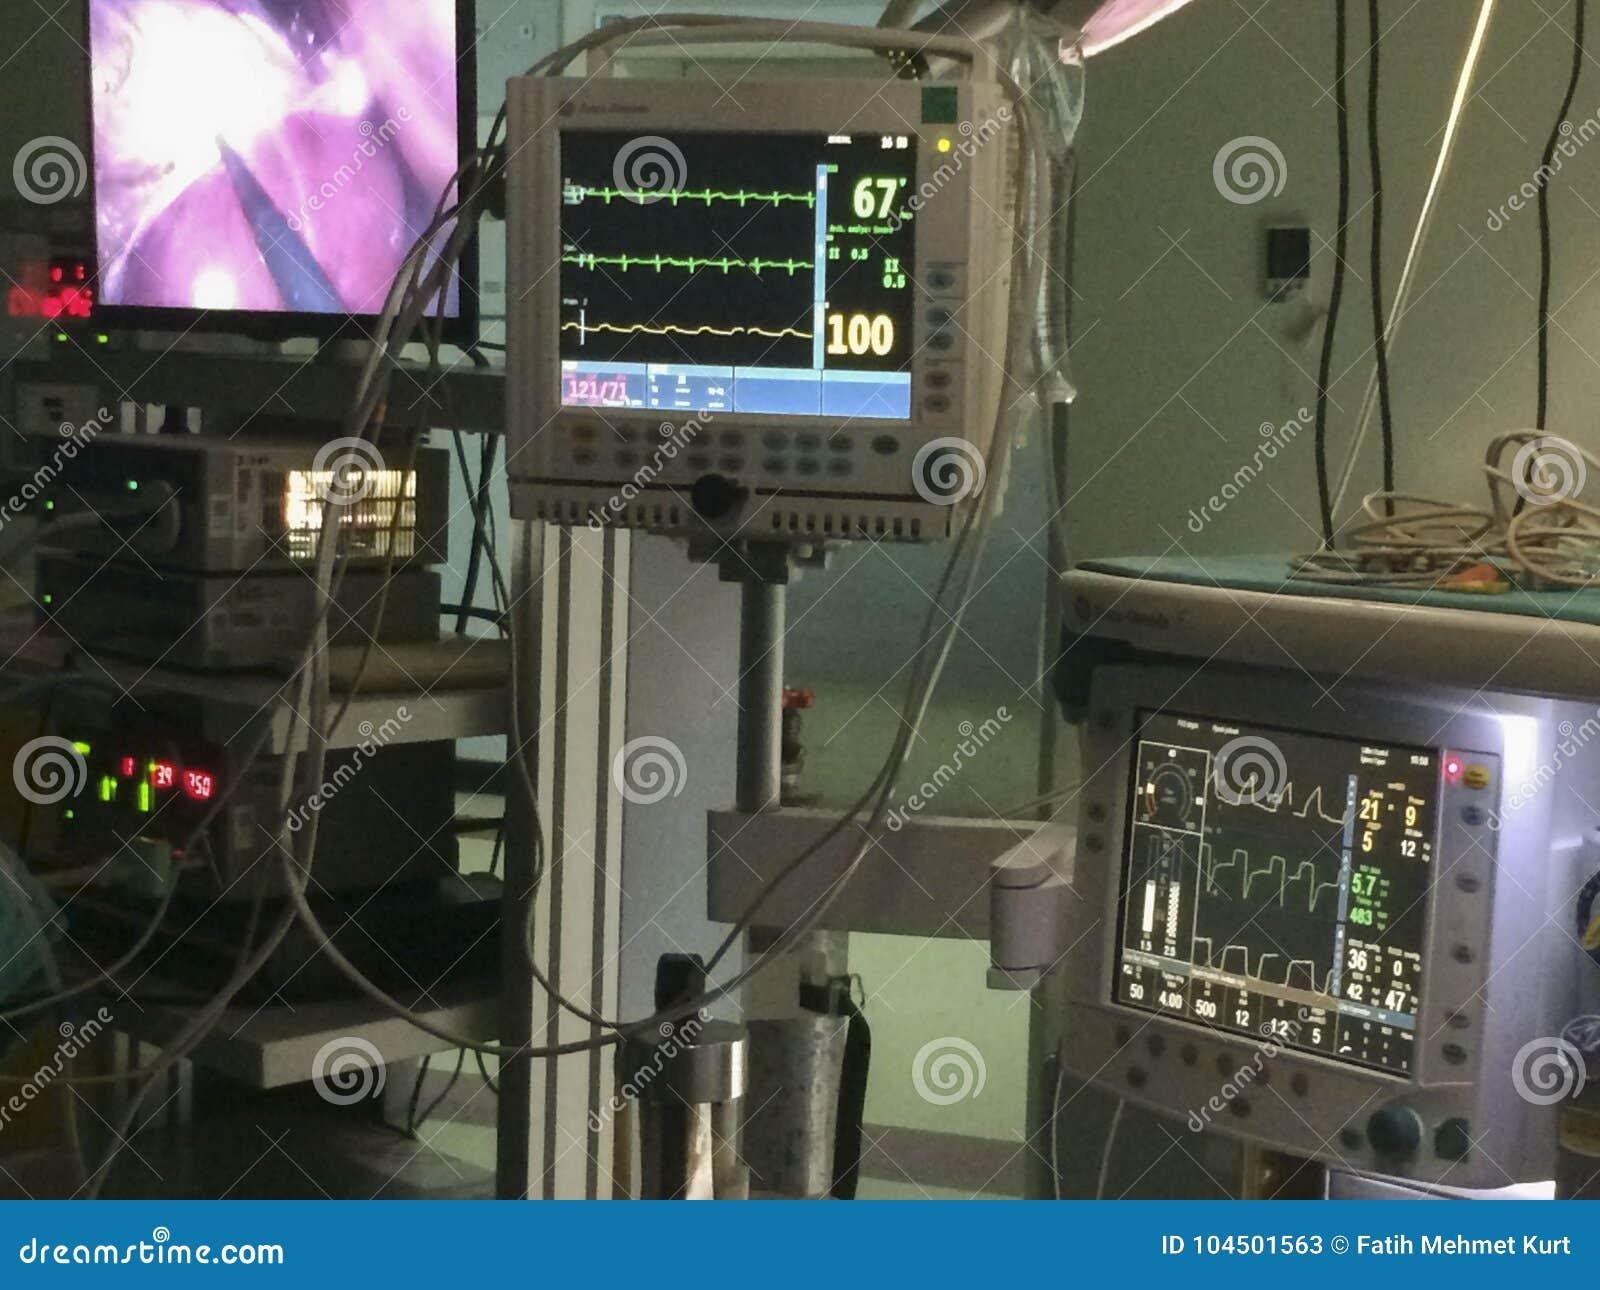 Ekg monitor i anestezi maszyna przy operacja pokojem